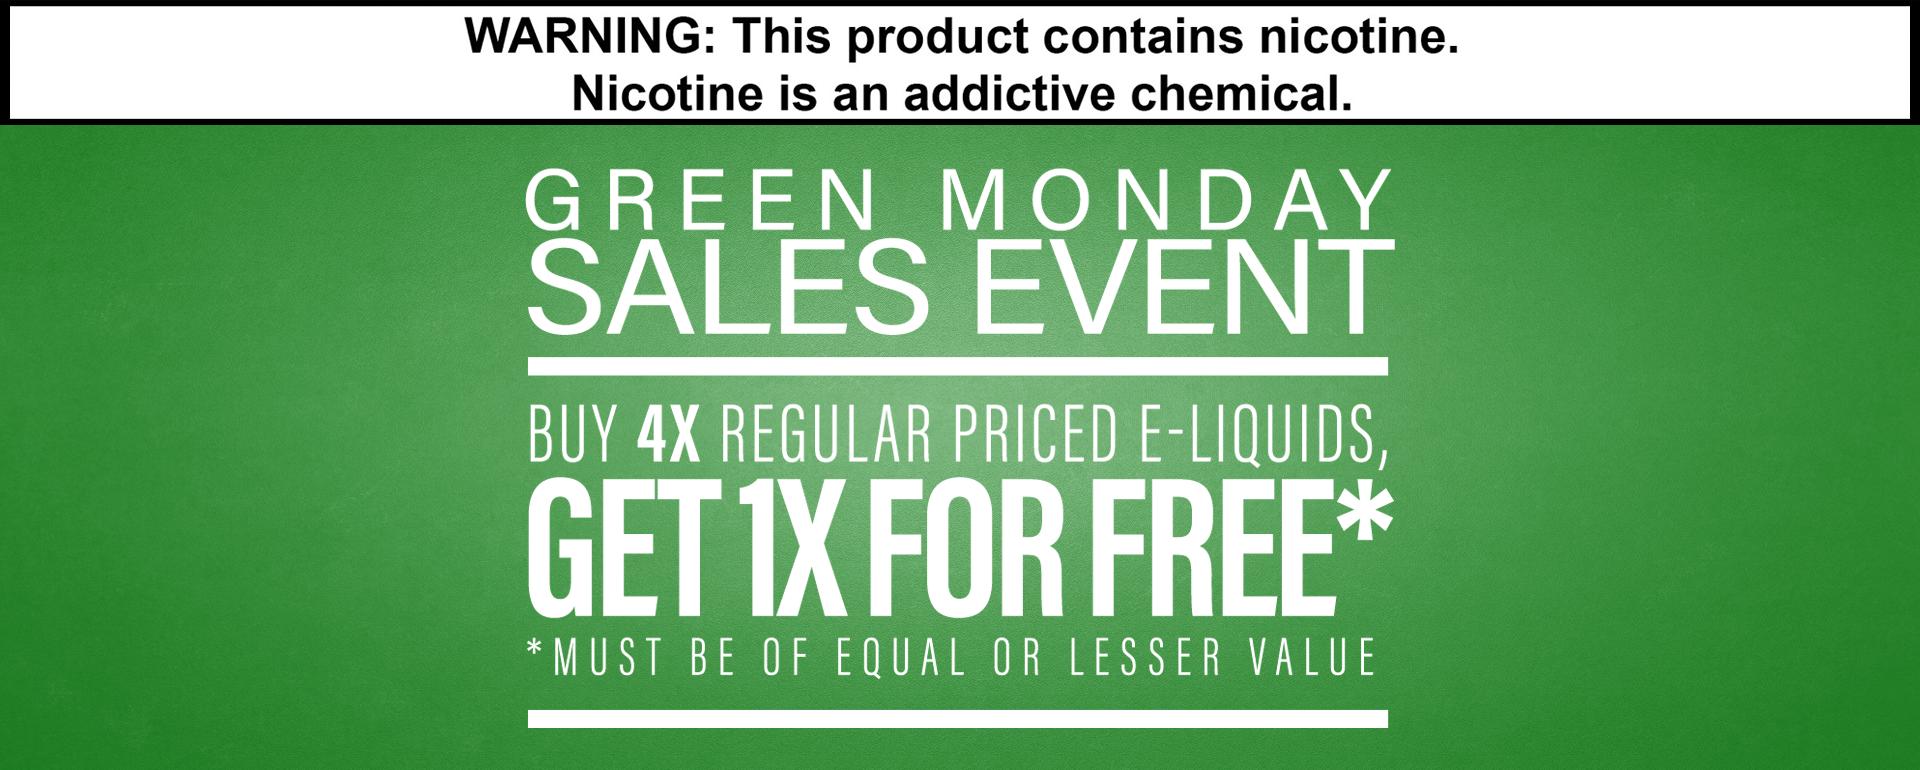 green-monday-e-liquid-2020.png